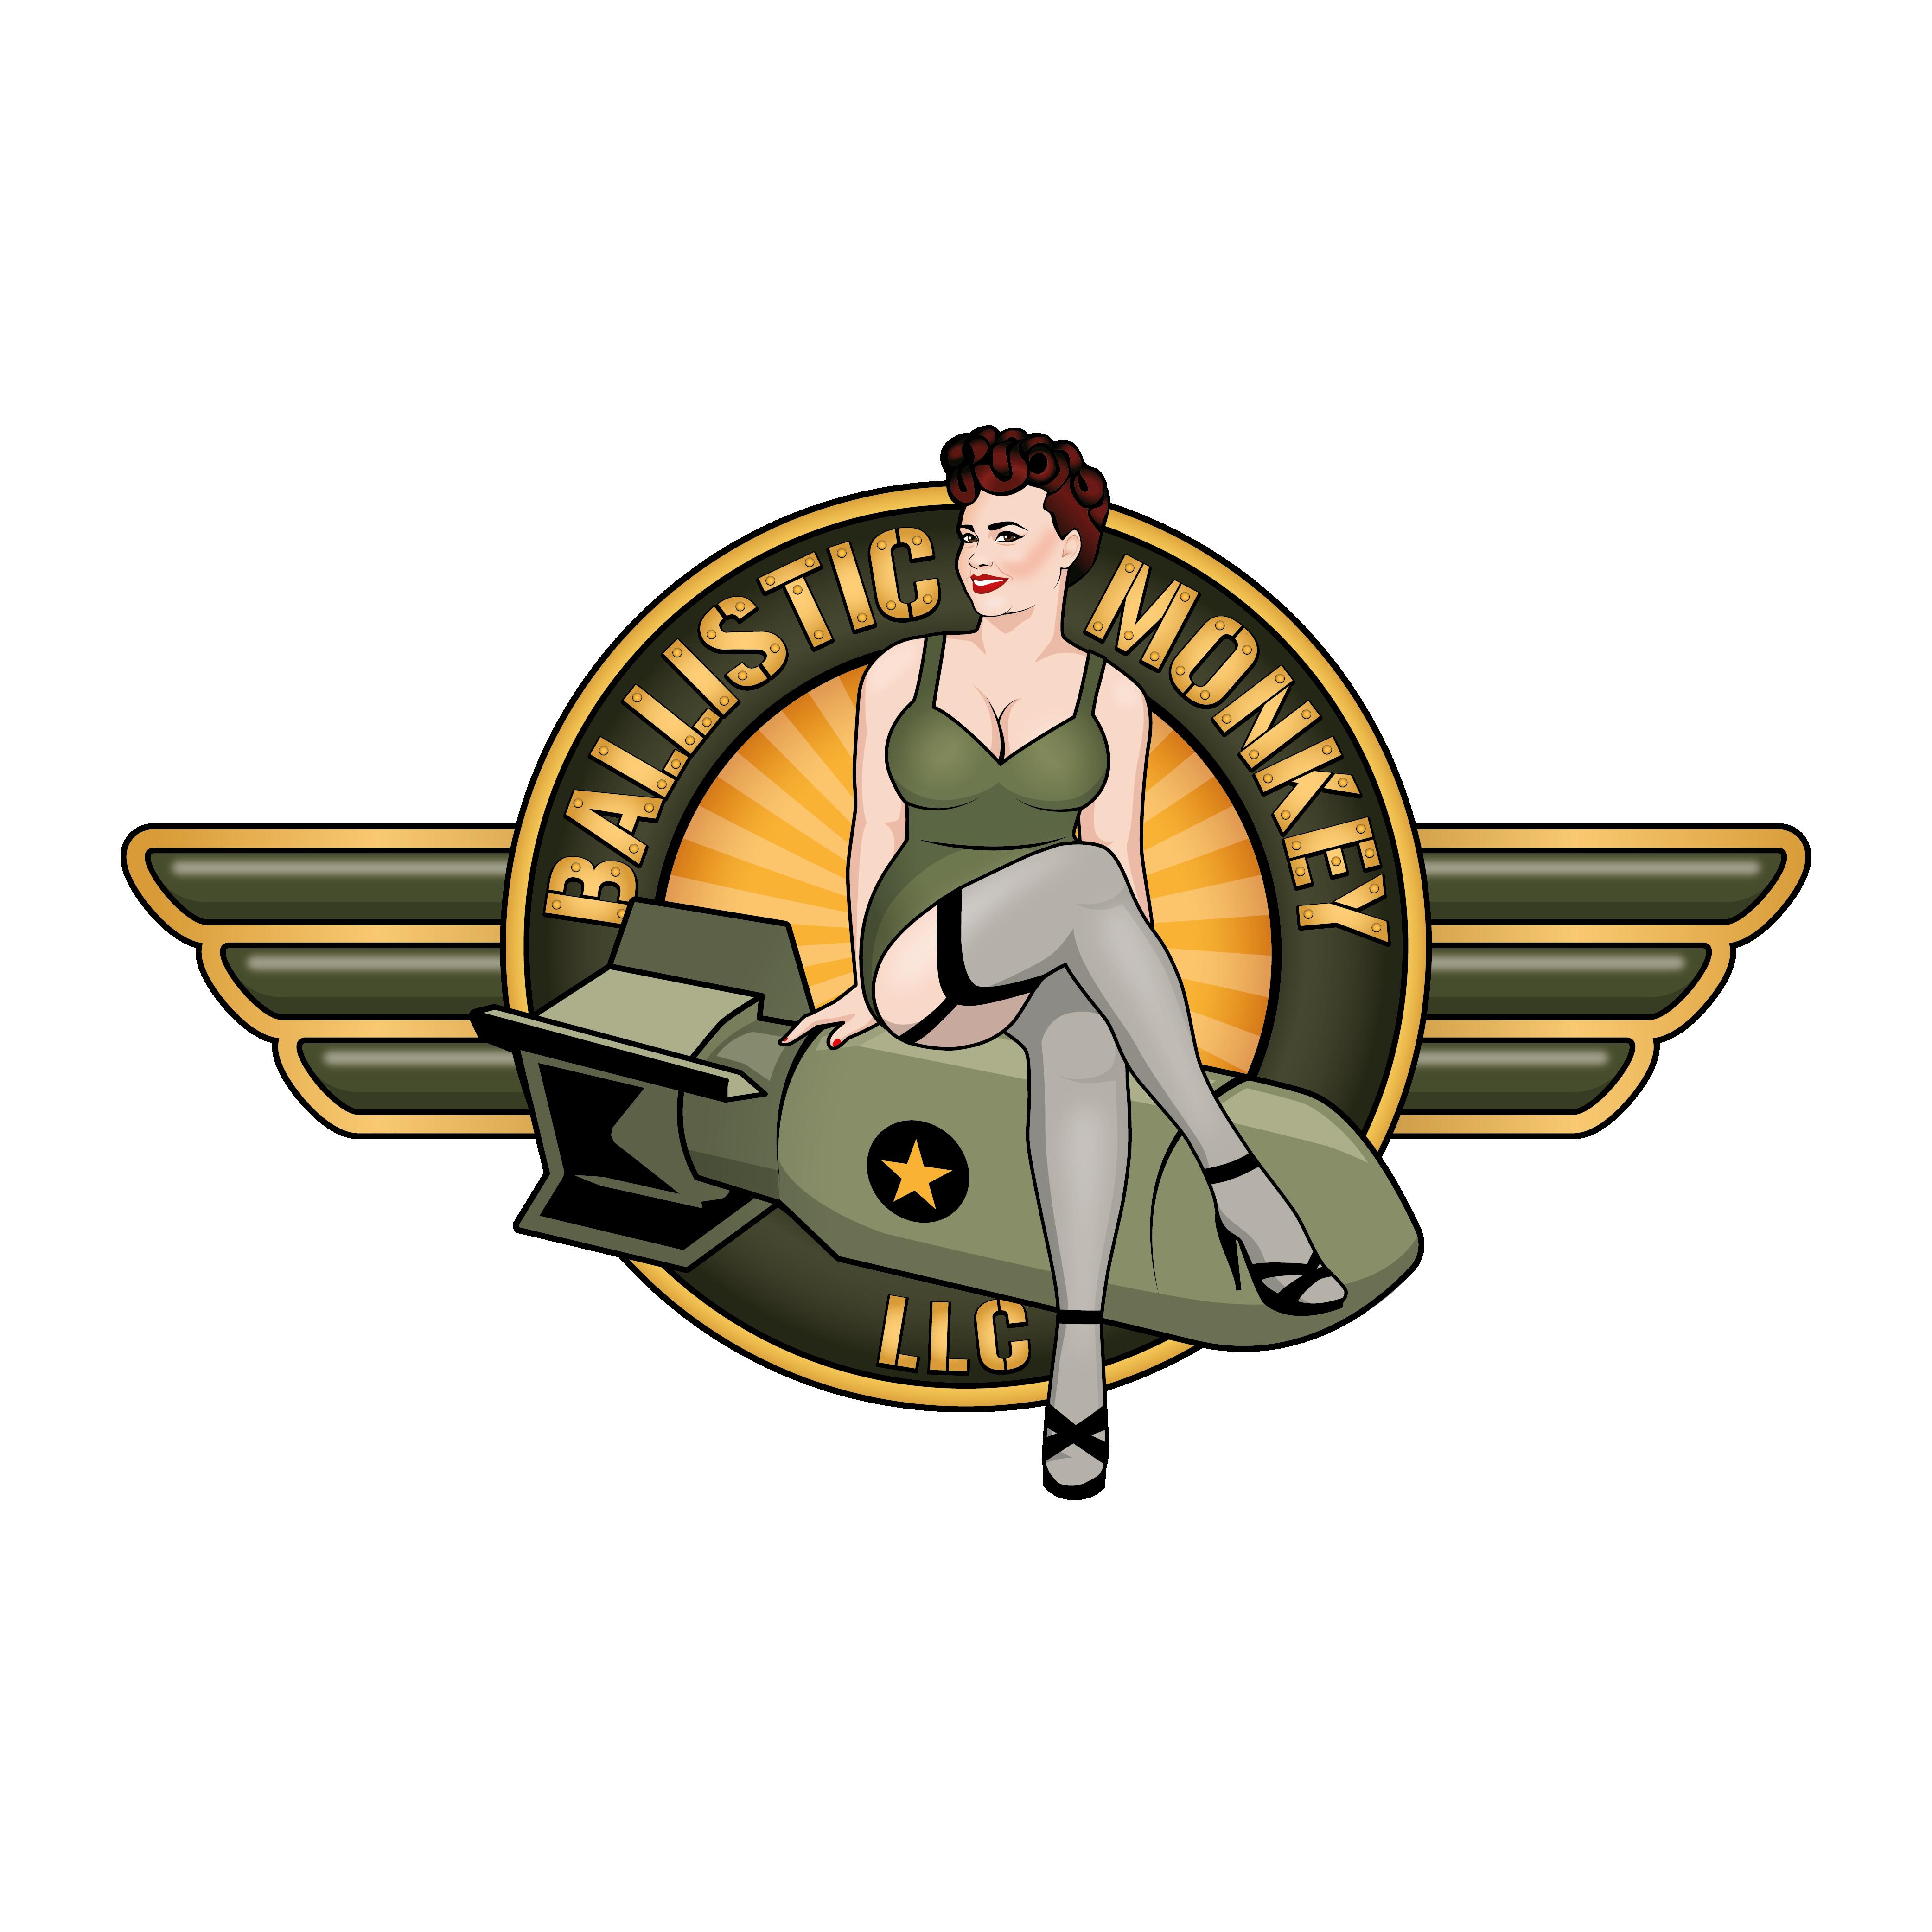 Create a Pin Up logo for a woman Veteran CBD retailer.